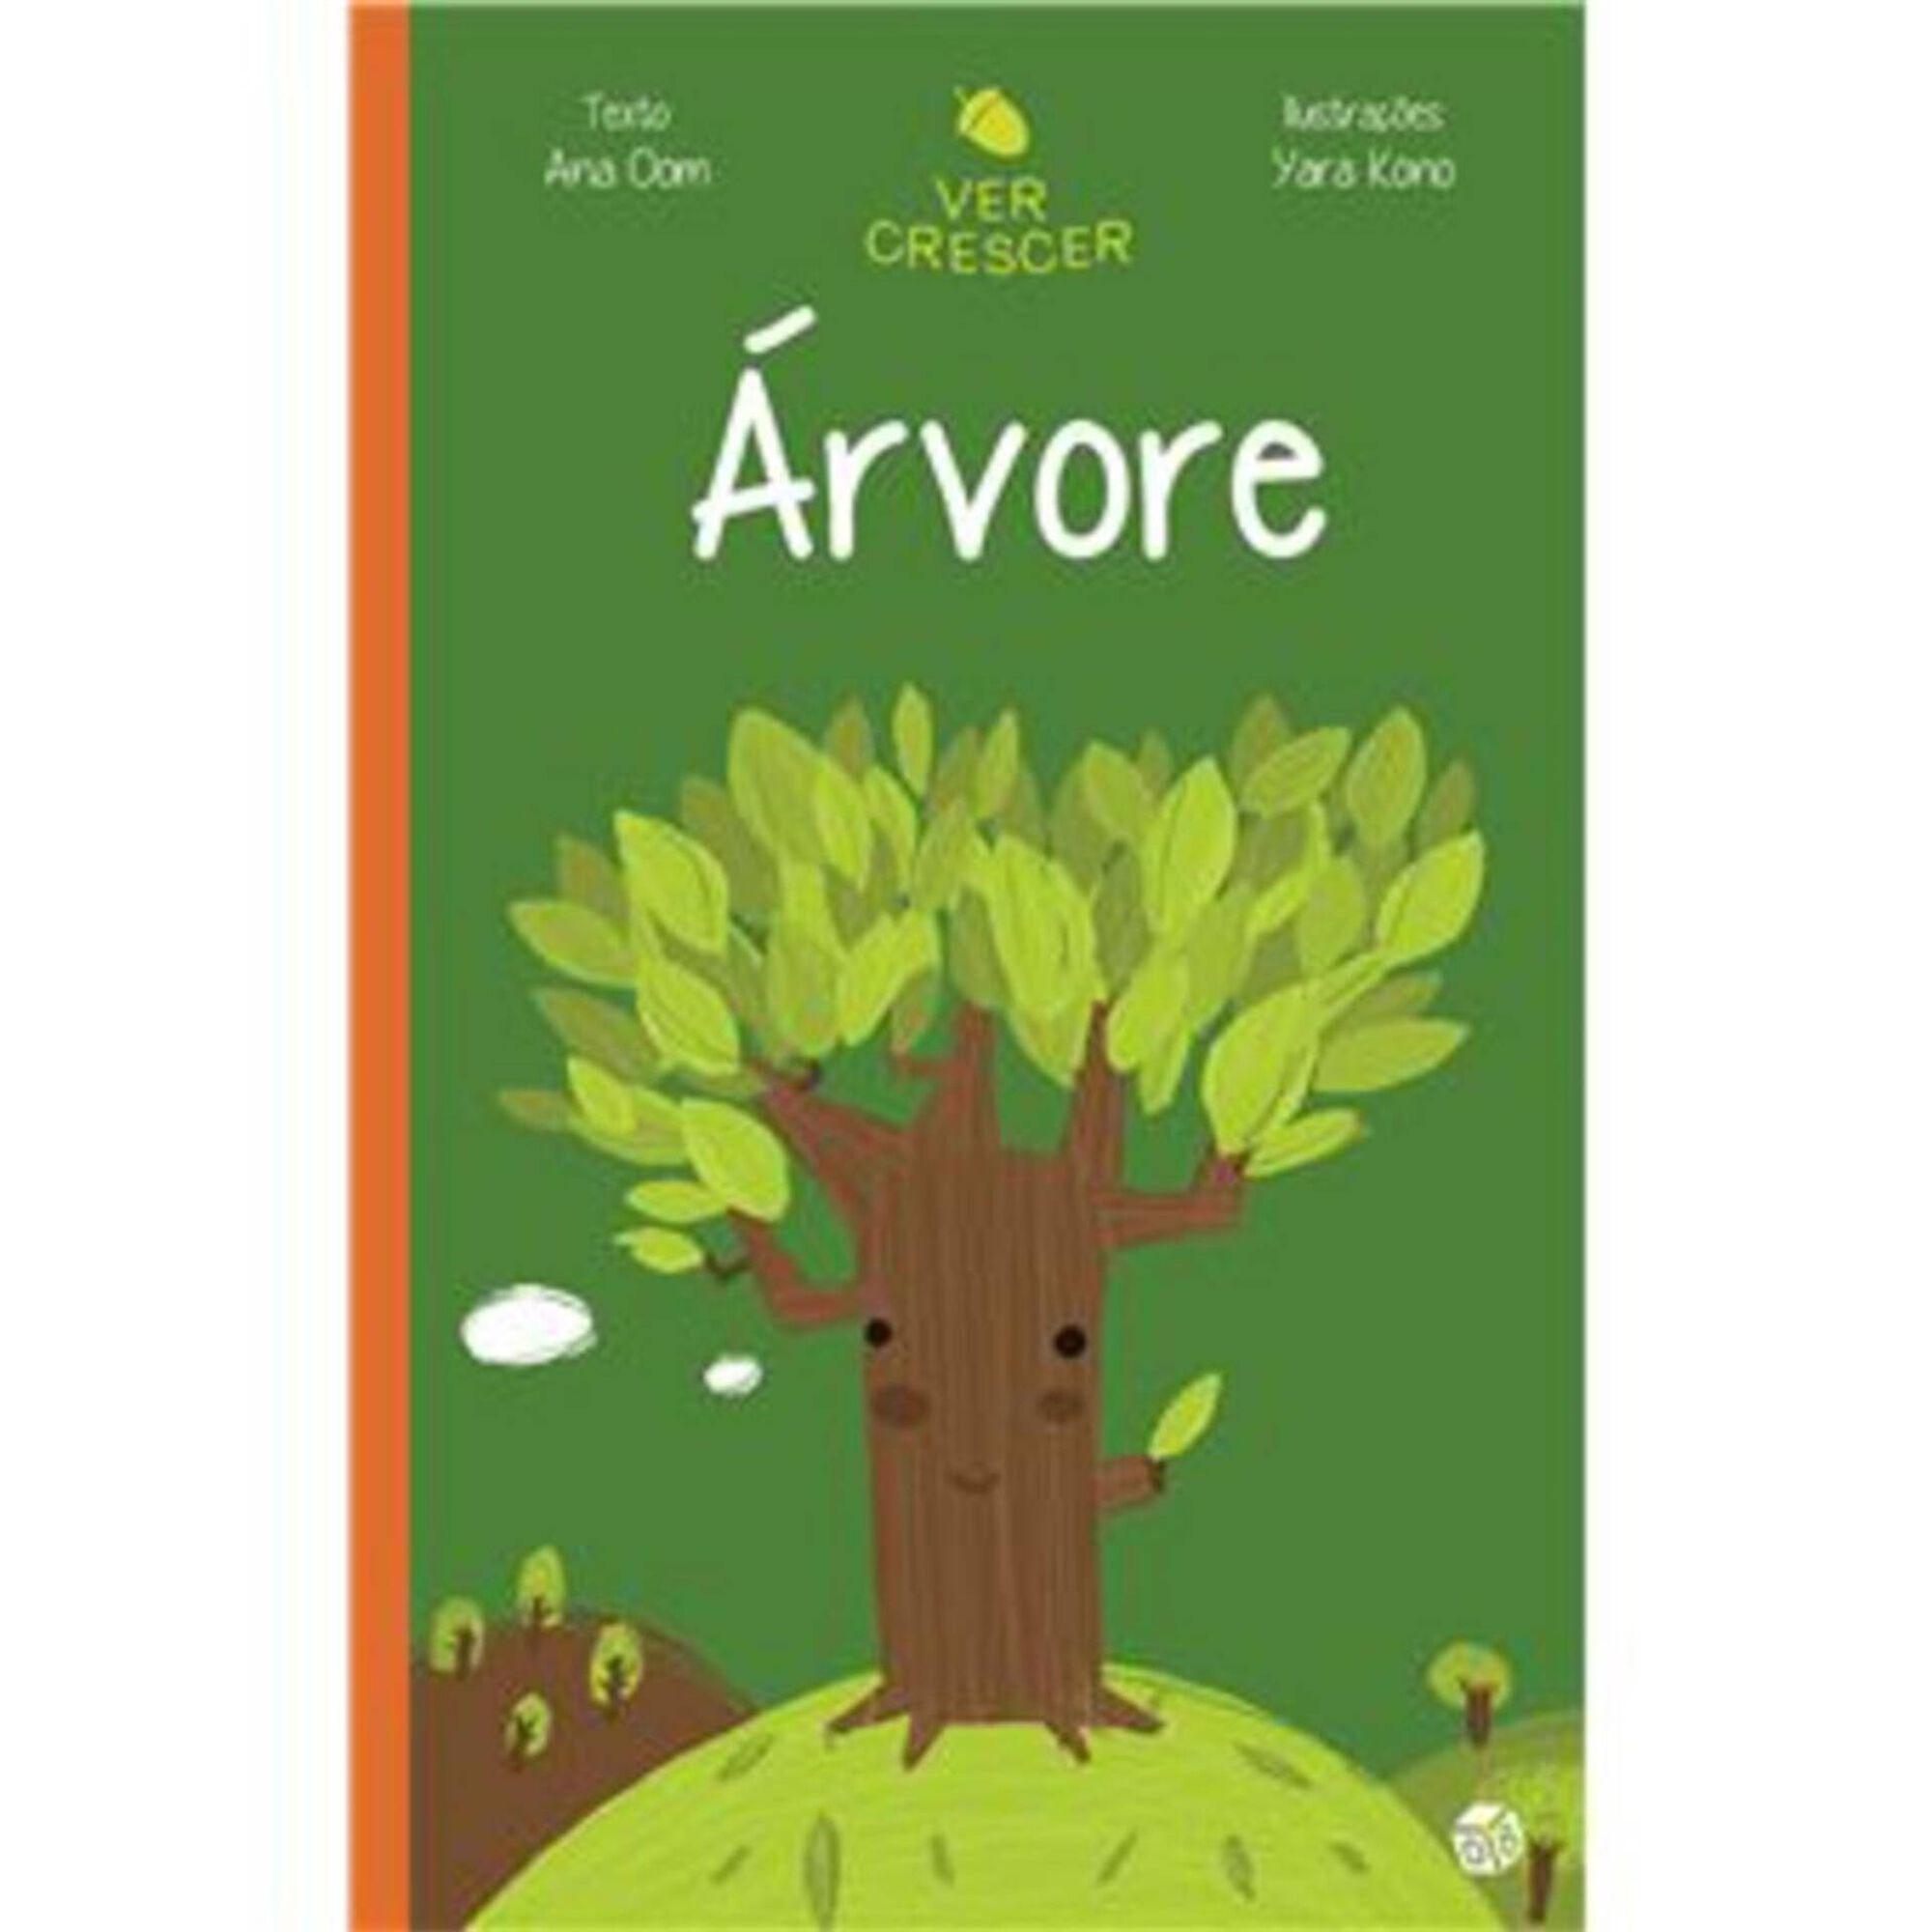 Ver Crescer - Árvore